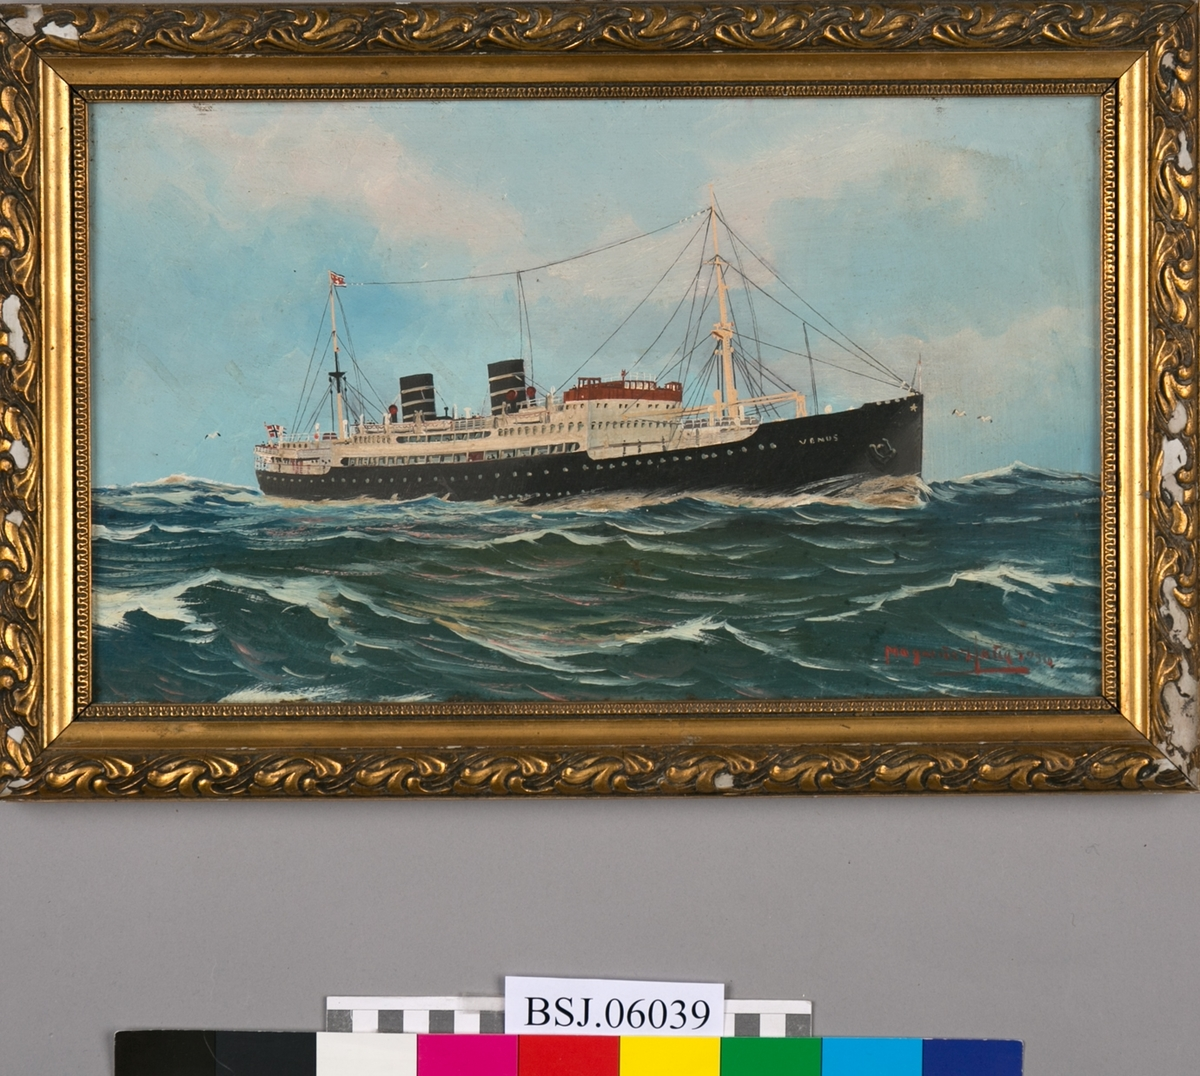 Skipsportrett av MS VENUS på åpent hav. Blå himmel og skyer, bølger med måker. Rederiflagg i bakre mast og norsk flagg i akter.